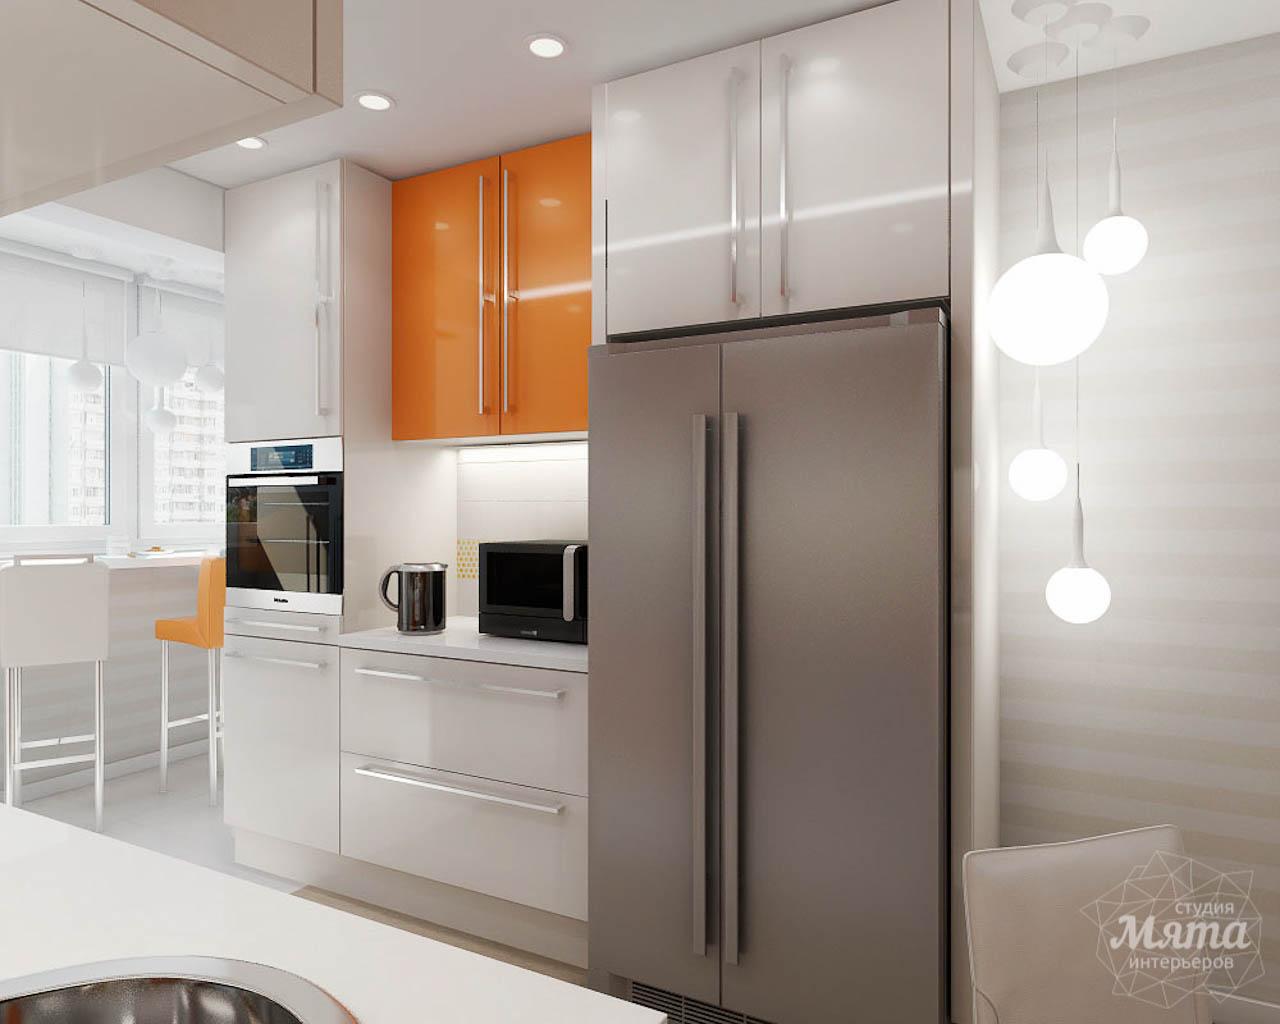 Дизайн интерьера однокомнатной квартиры в современном стиле по ул. Агрономическая 47 img1237890967